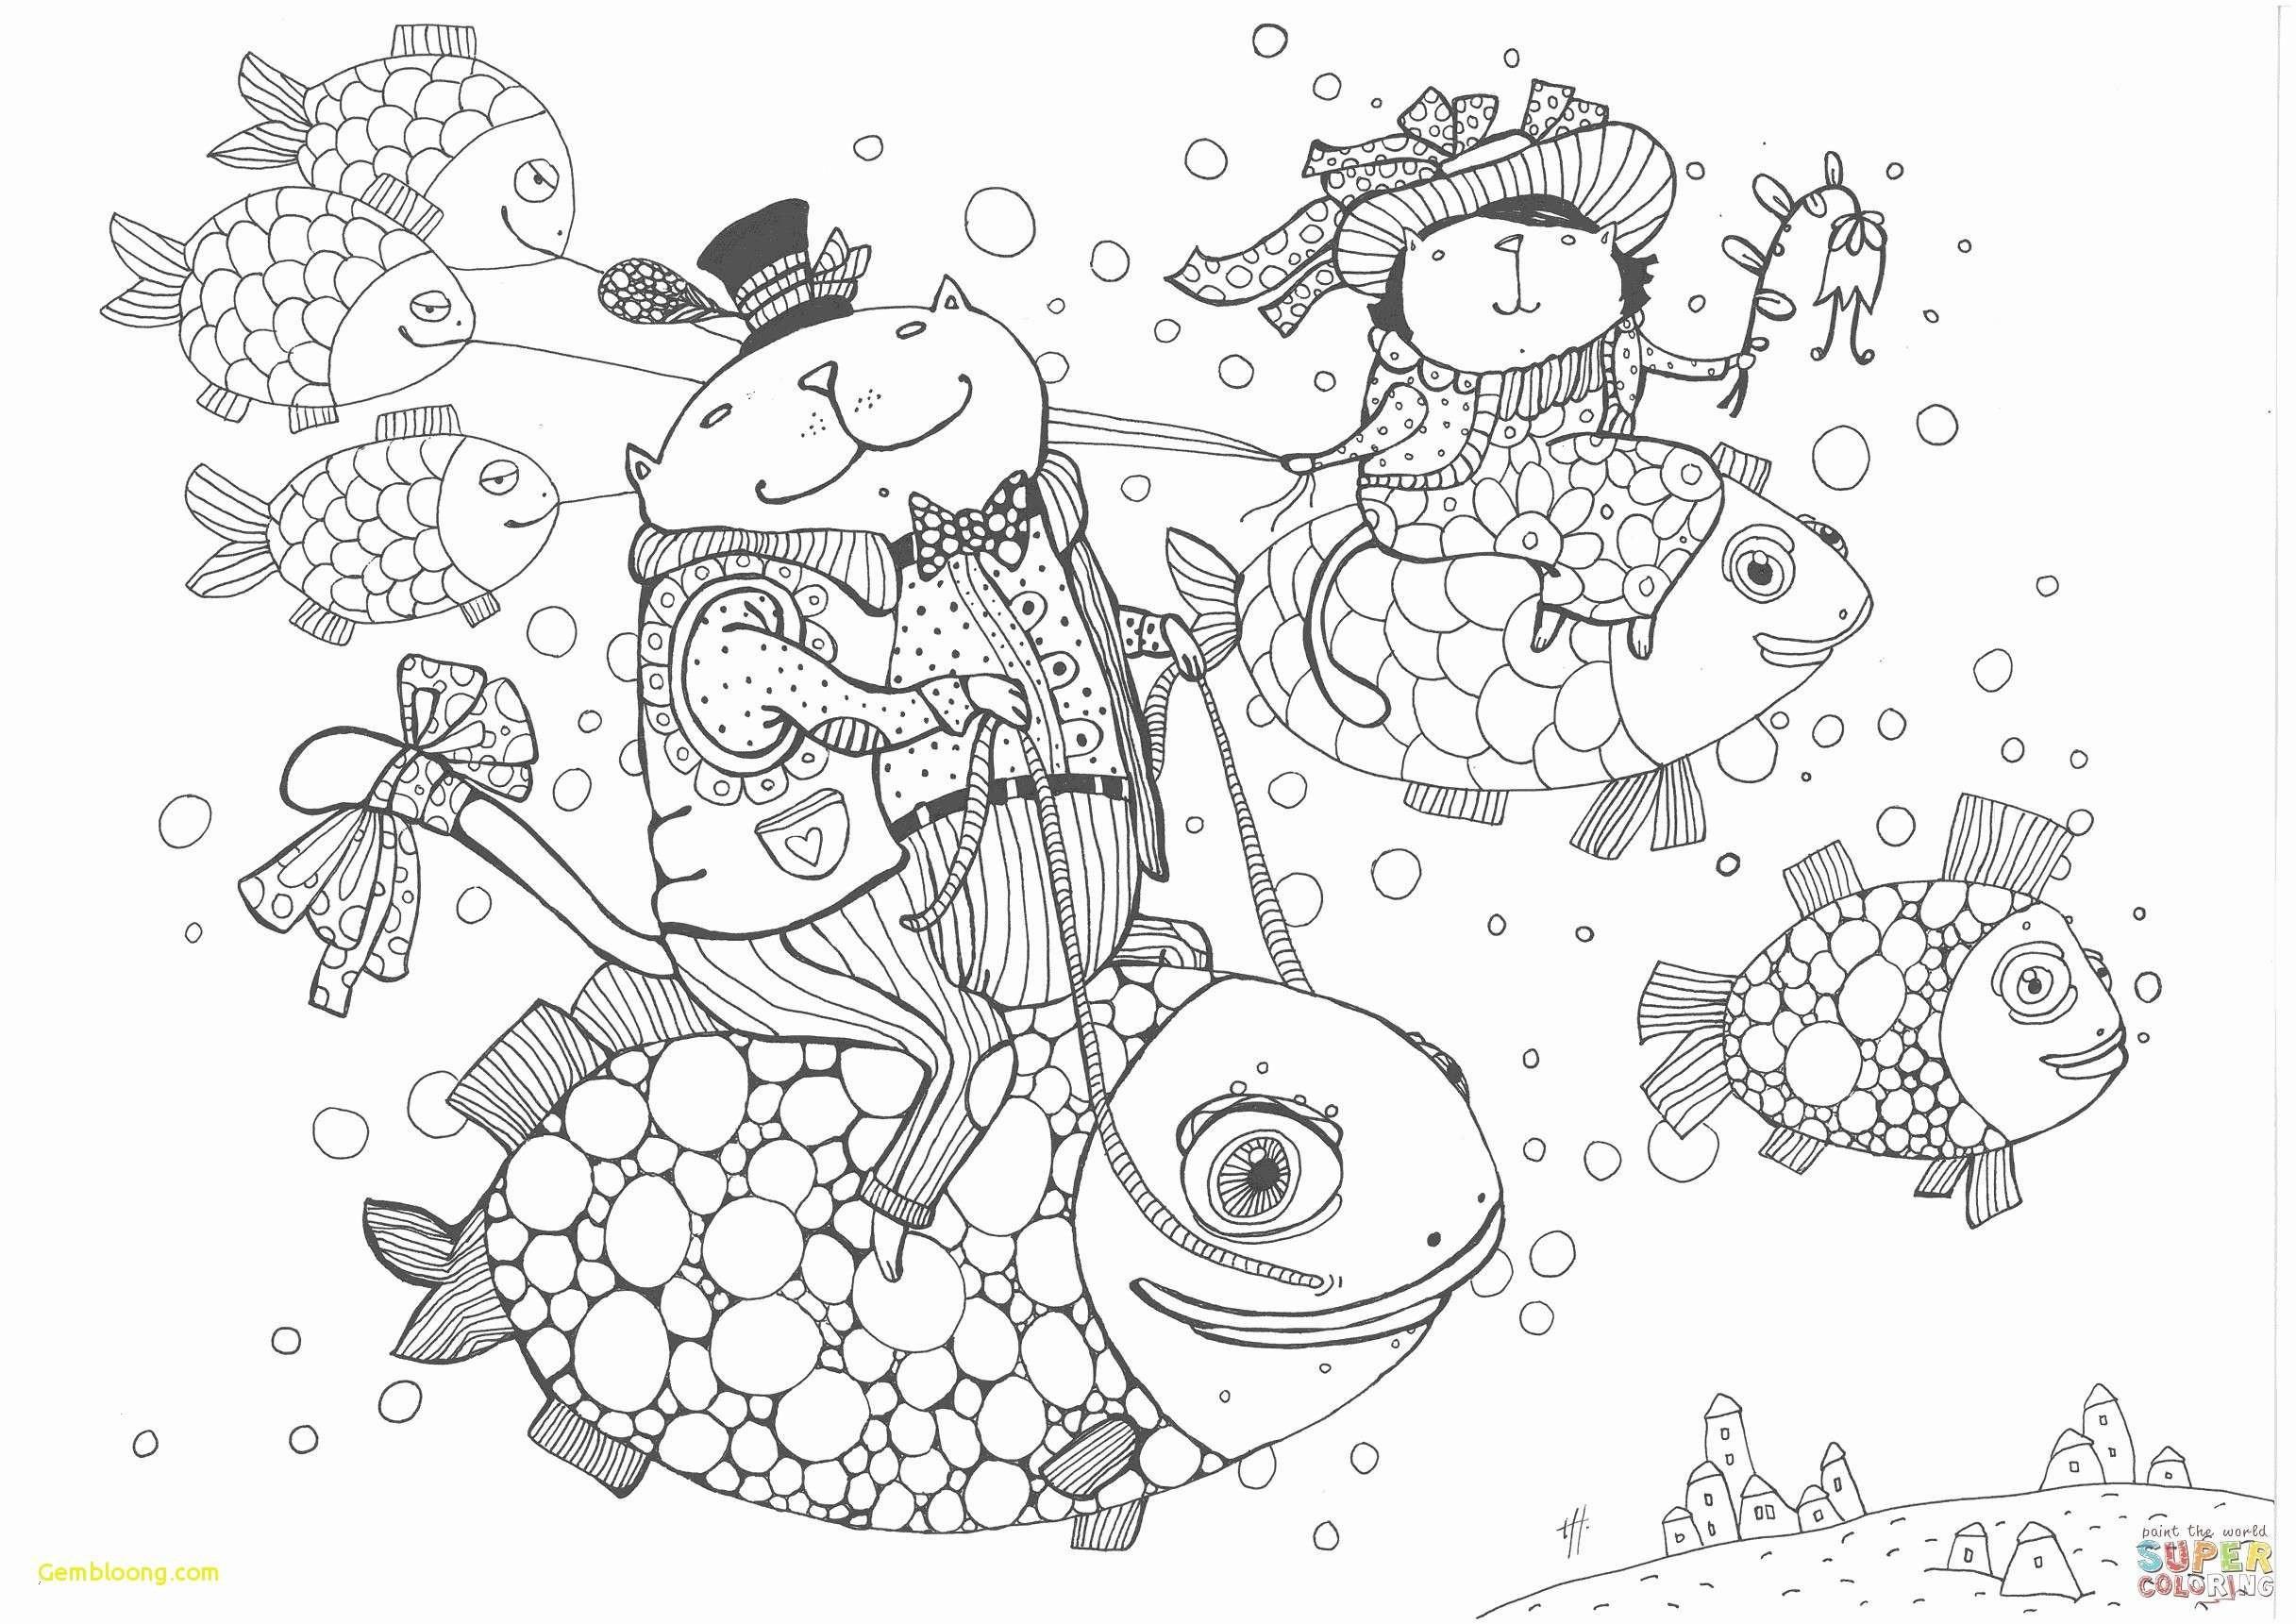 Ausmalbilder Weihnachten Engel Inspirierend 35 Winter Ausmalbilder Scoredatscore Frisch Weihnachten Ausmalbilder Das Bild